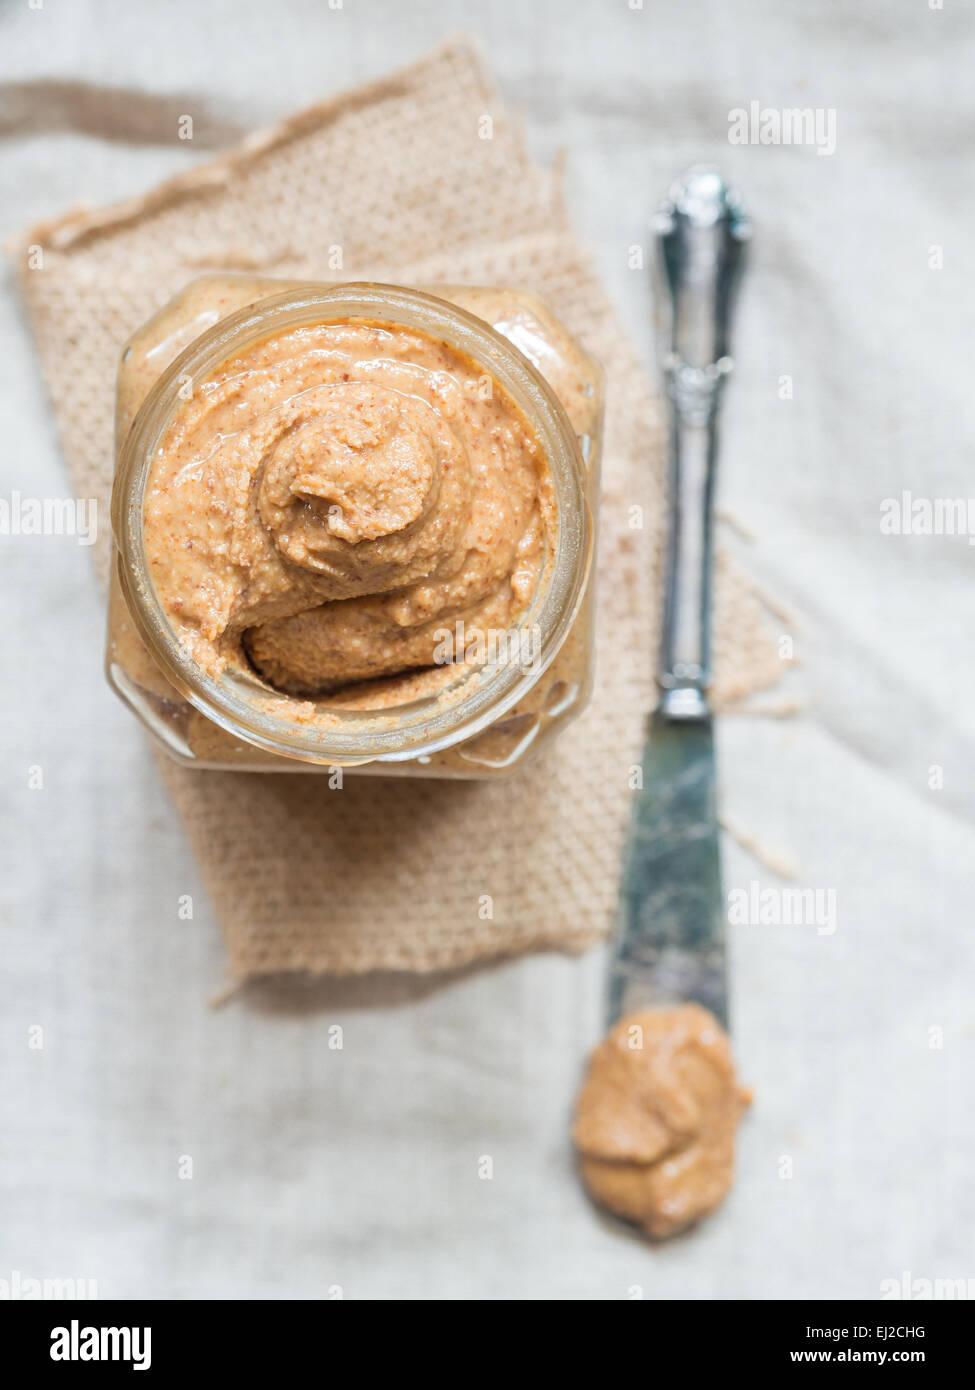 Photo verticale de beurre d'amande naturel fait maison dans un bocal en verre placé sur table rustique Photo Stock